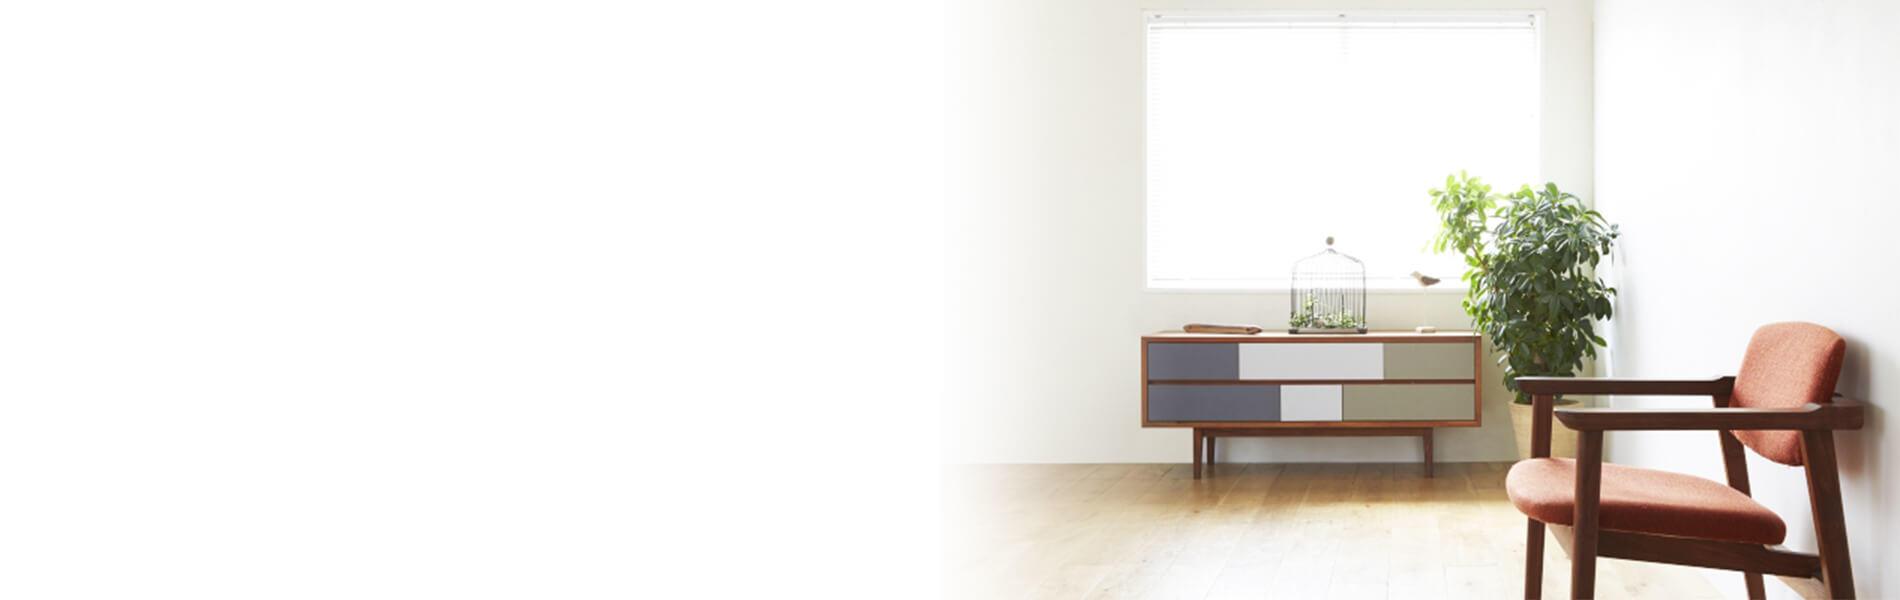 家具家電 レンタル 単品 セット 可能